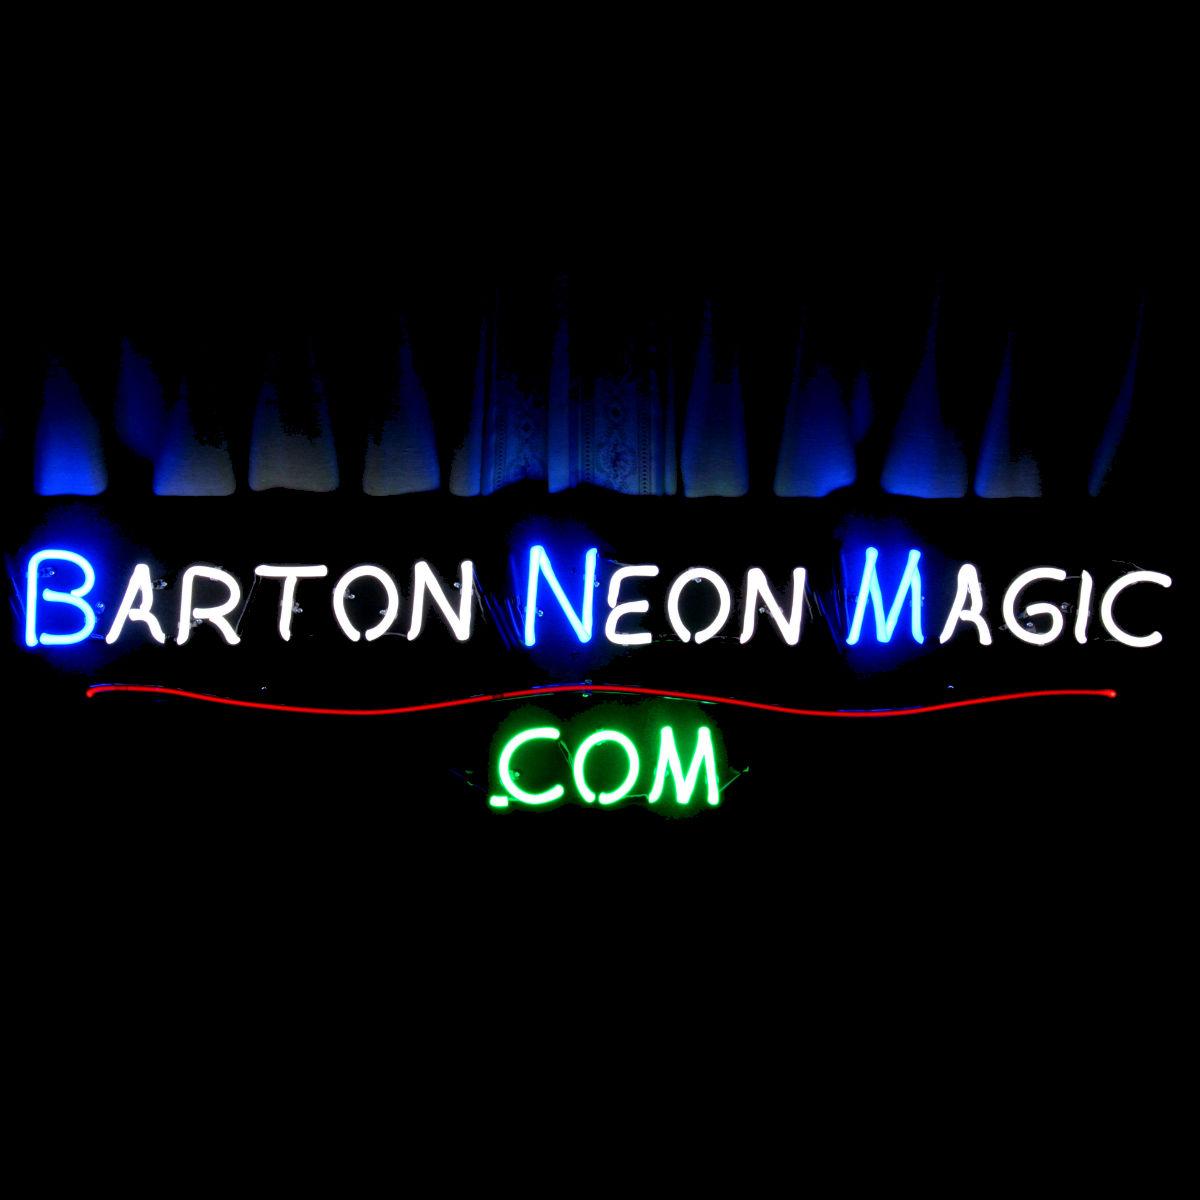 Designer Hand-blown Neon Light Fixtures by John Barton - Famous USA Neon Glass Artist - BartonNeonMagic.com